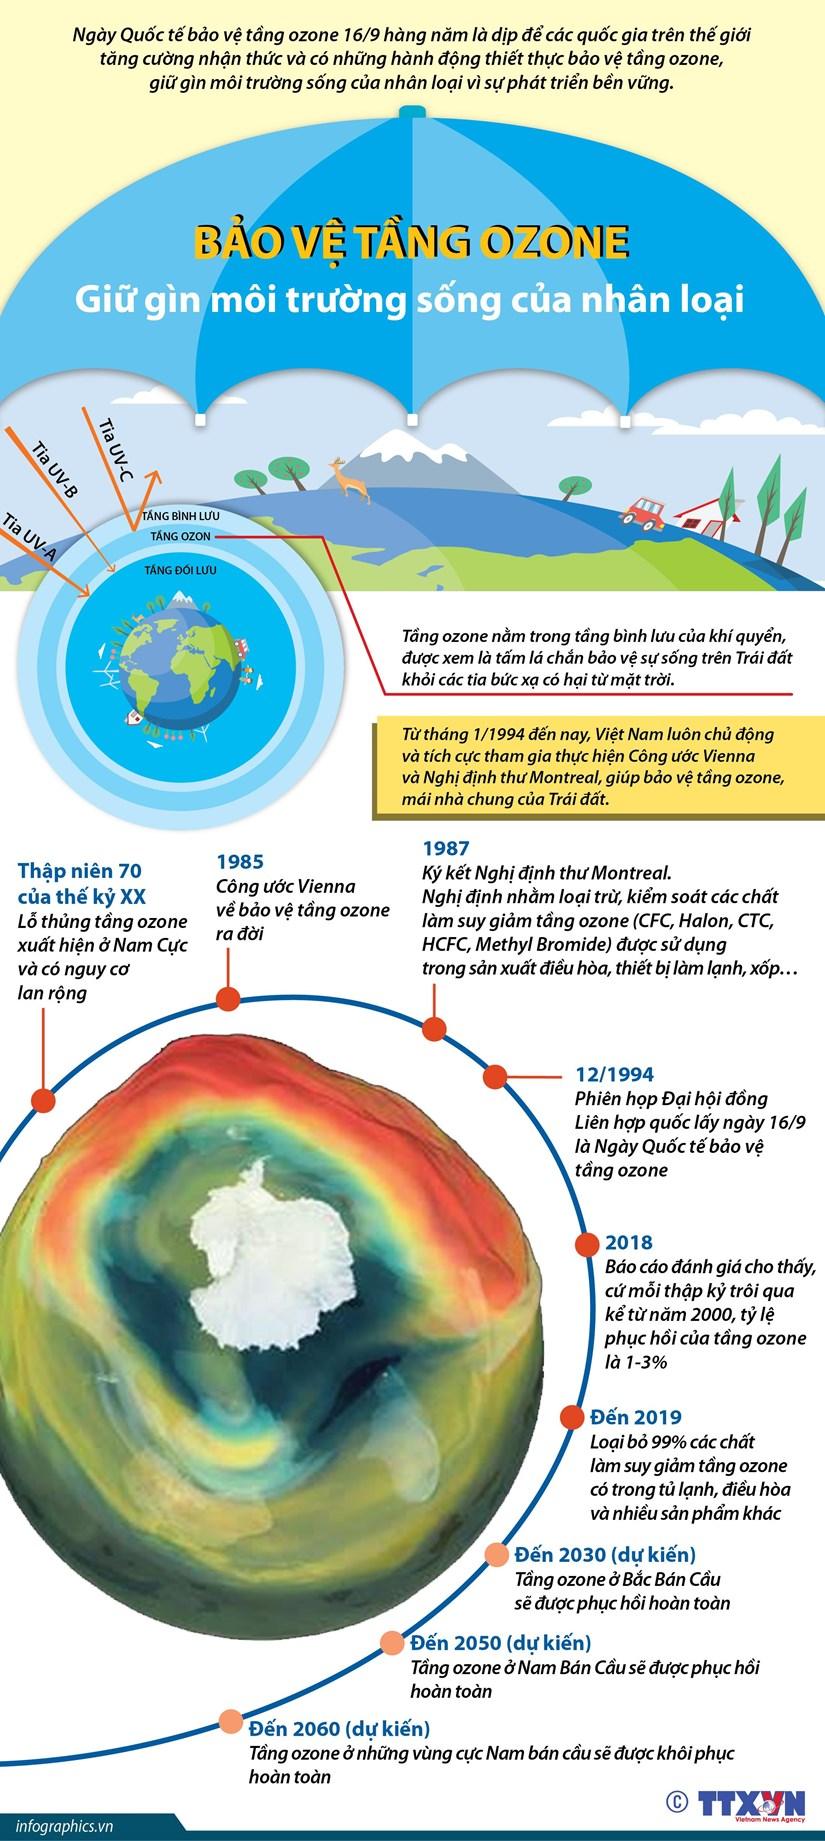 [Infographics] Bao ve tang ozone, giu gin moi truong song hinh anh 1